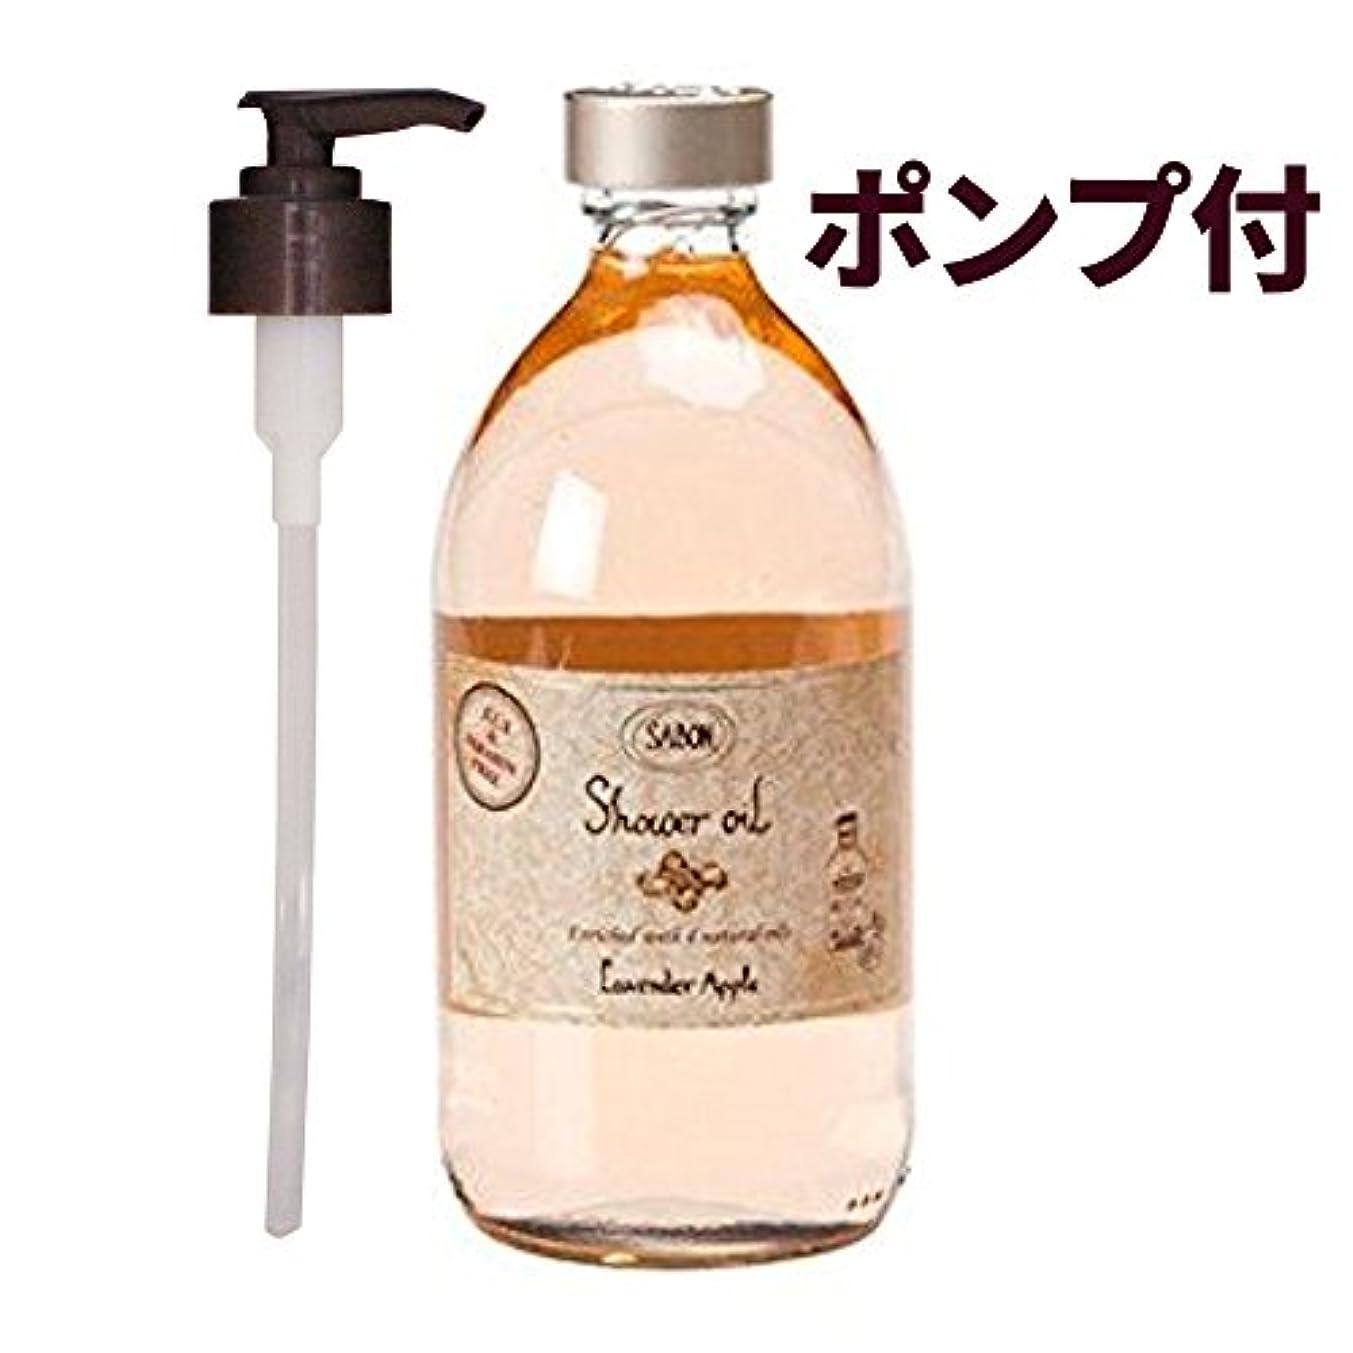 中毒フラスコマナーサボン-SABON- ボディソープ シャワーオイルラベンダーアップル 500ml LavenderApple :宅急便対応  ポンプ付 [並行輸入品]